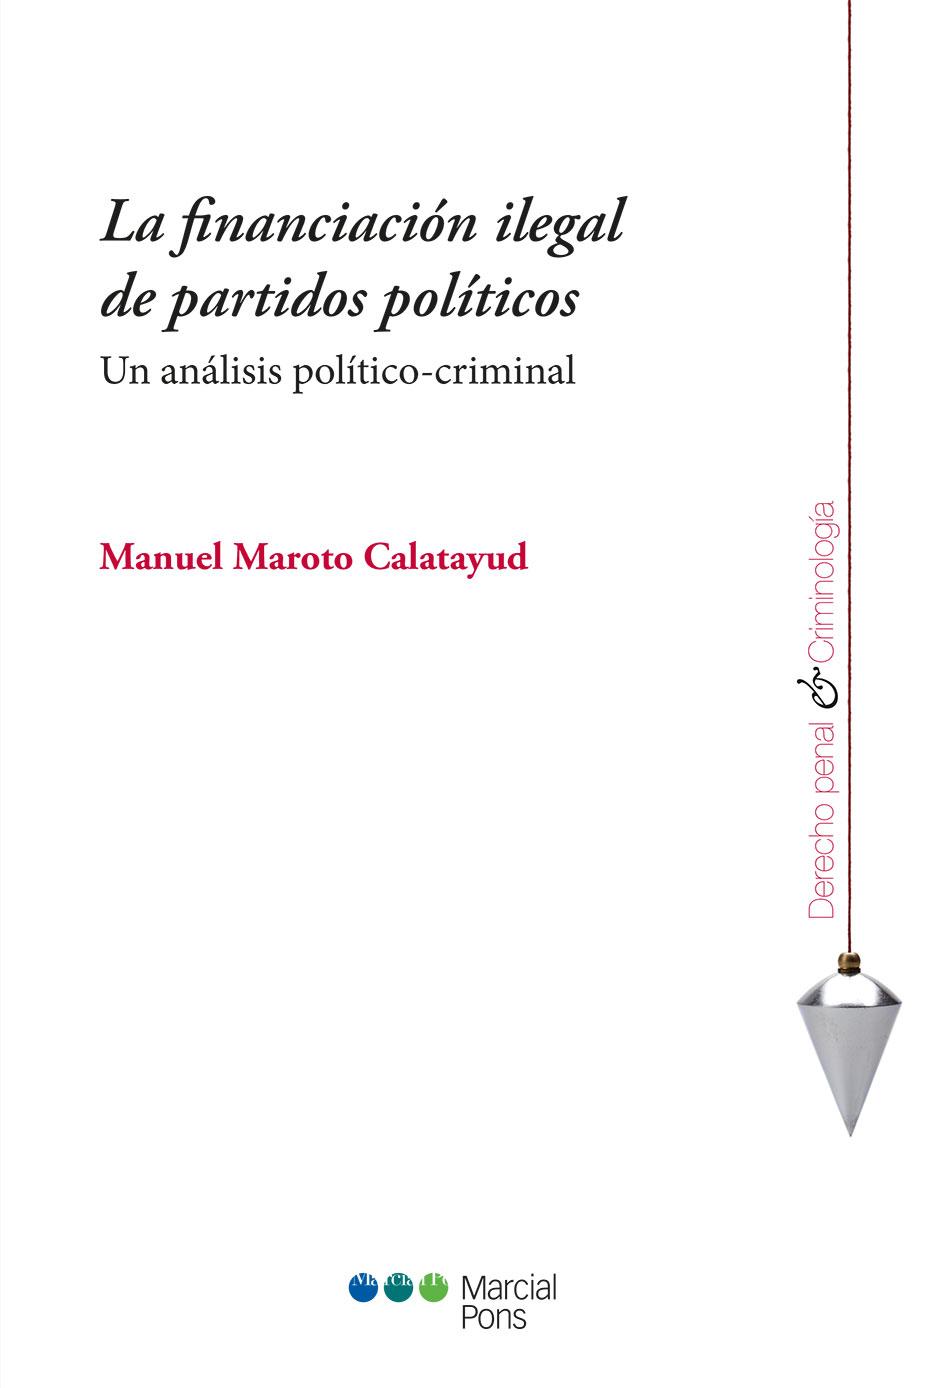 Portada del libro La financiación ilegal de partidos políticos